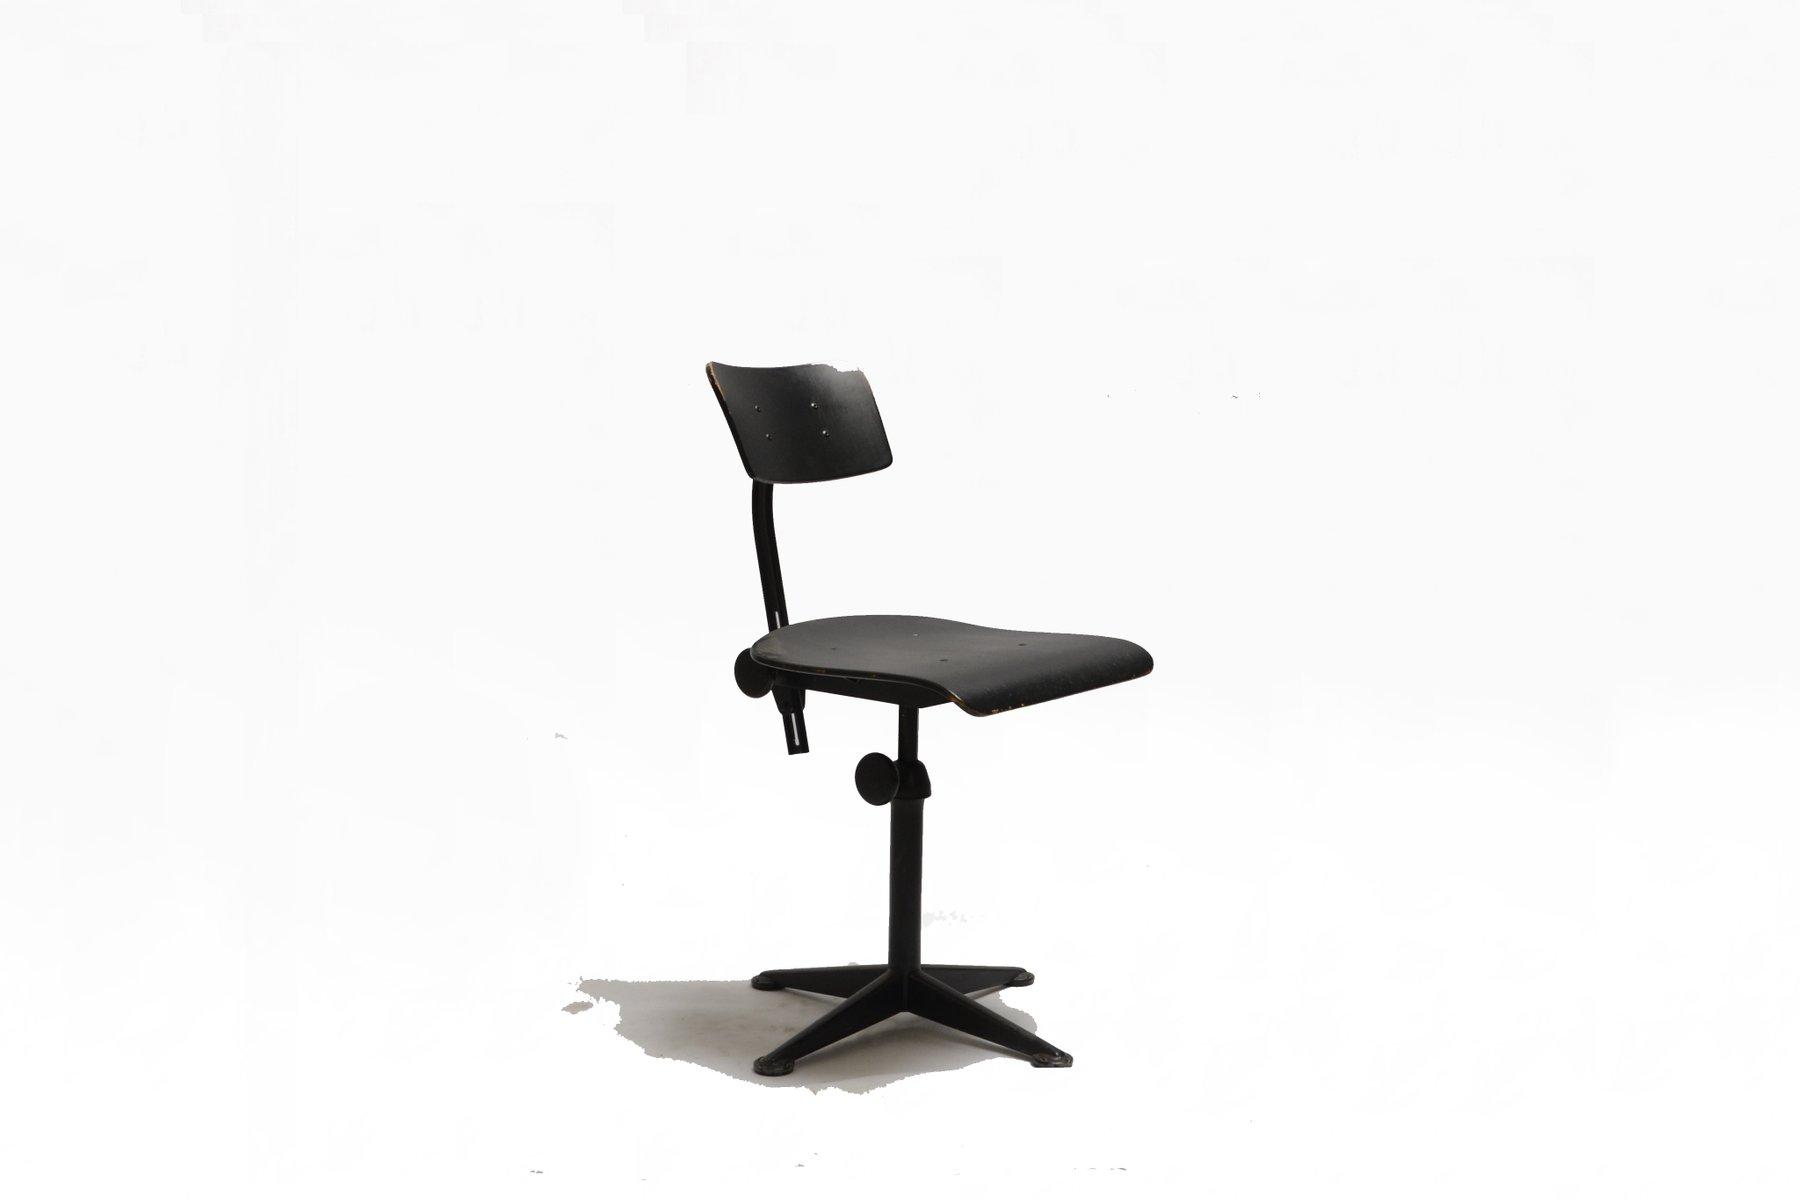 midcentury black swivel chair by friso kramer for ahrend de cirkel 1960s